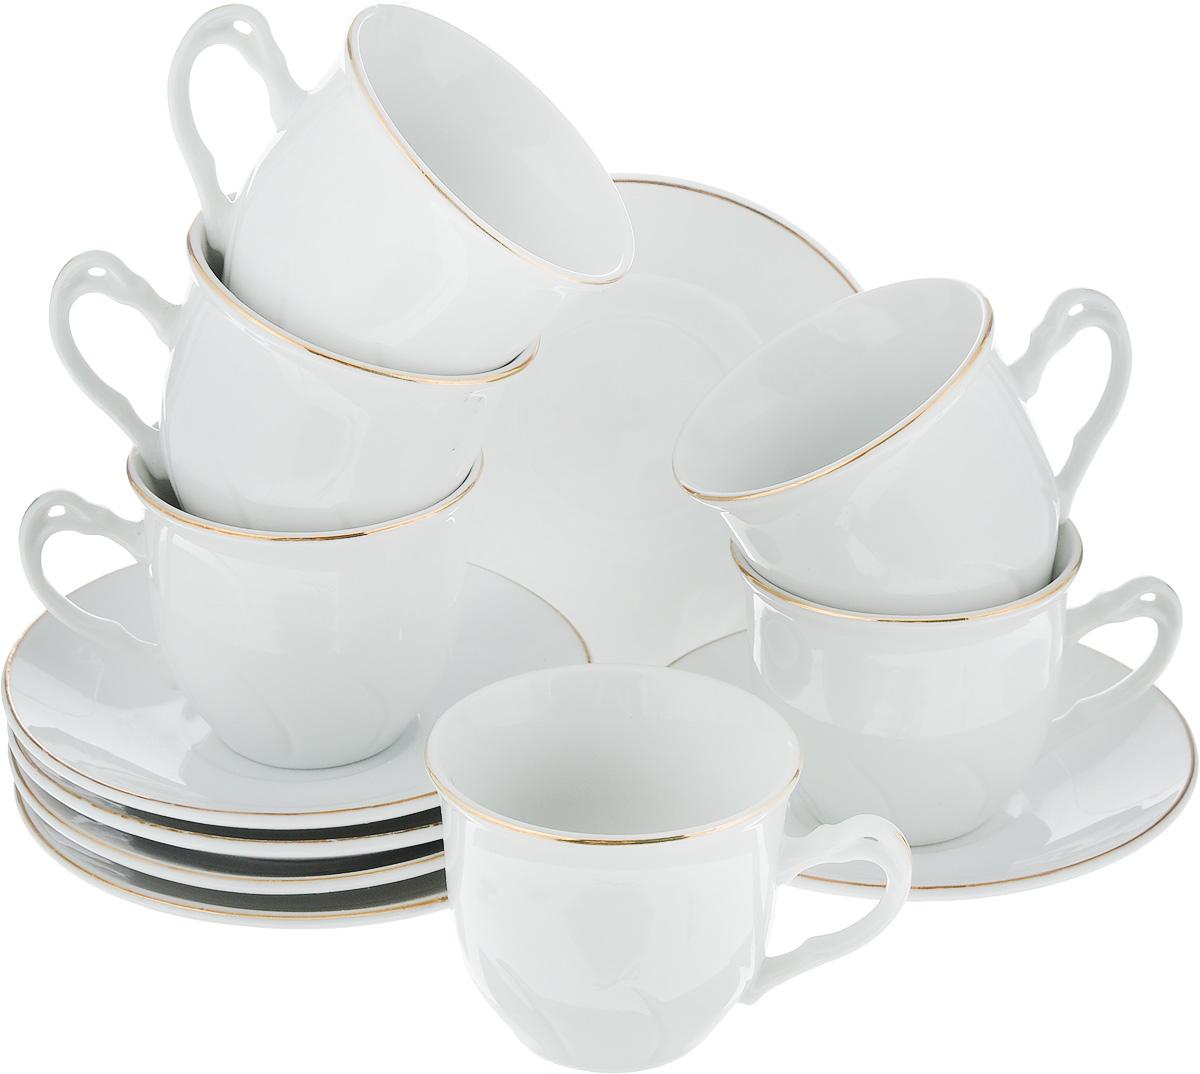 Набор кофейный Loraine, 12 предметов. 2560725607Кофейный набор Loraine состоит из 6 чашек и 6 блюдец. Изделия выполнены из высококачественного фарфора и имеют белый цвет с золотым декором. Такой набор прекрасно подойдет как для повседневного использования, так и для праздников. Набор Loraine - это не только яркий и полезный подарок для родных и близких, а также великолепное дизайнерское решение для вашей кухни или столовой. Набор упакован в подарочную коробку.Диаметр чашки (по верхнему краю): 6,5 см. Высота чашки: 5,5 см. Диаметр блюдца (по верхнему краю): 11 см. Высота блюдца: 1,5 см.Объем чашки: 90 мл.